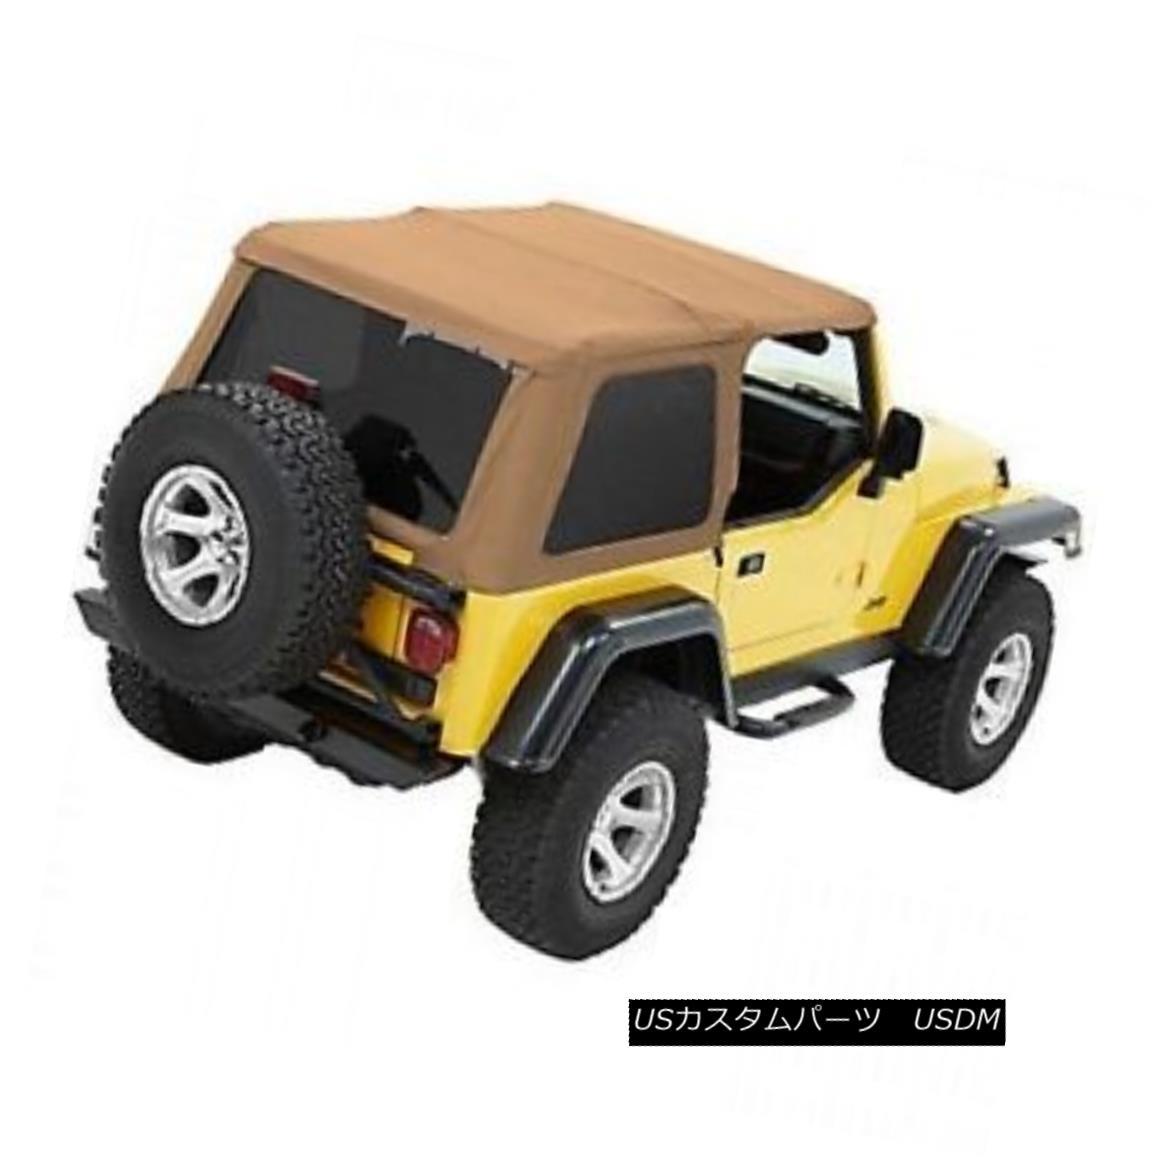 幌・ソフトトップ Bestop Trektop NX 97-06 Jeep Wrangler TJ No Doors Spice Bestop Trektop NX 97-06ジープラングラーTJ No Doors Spice